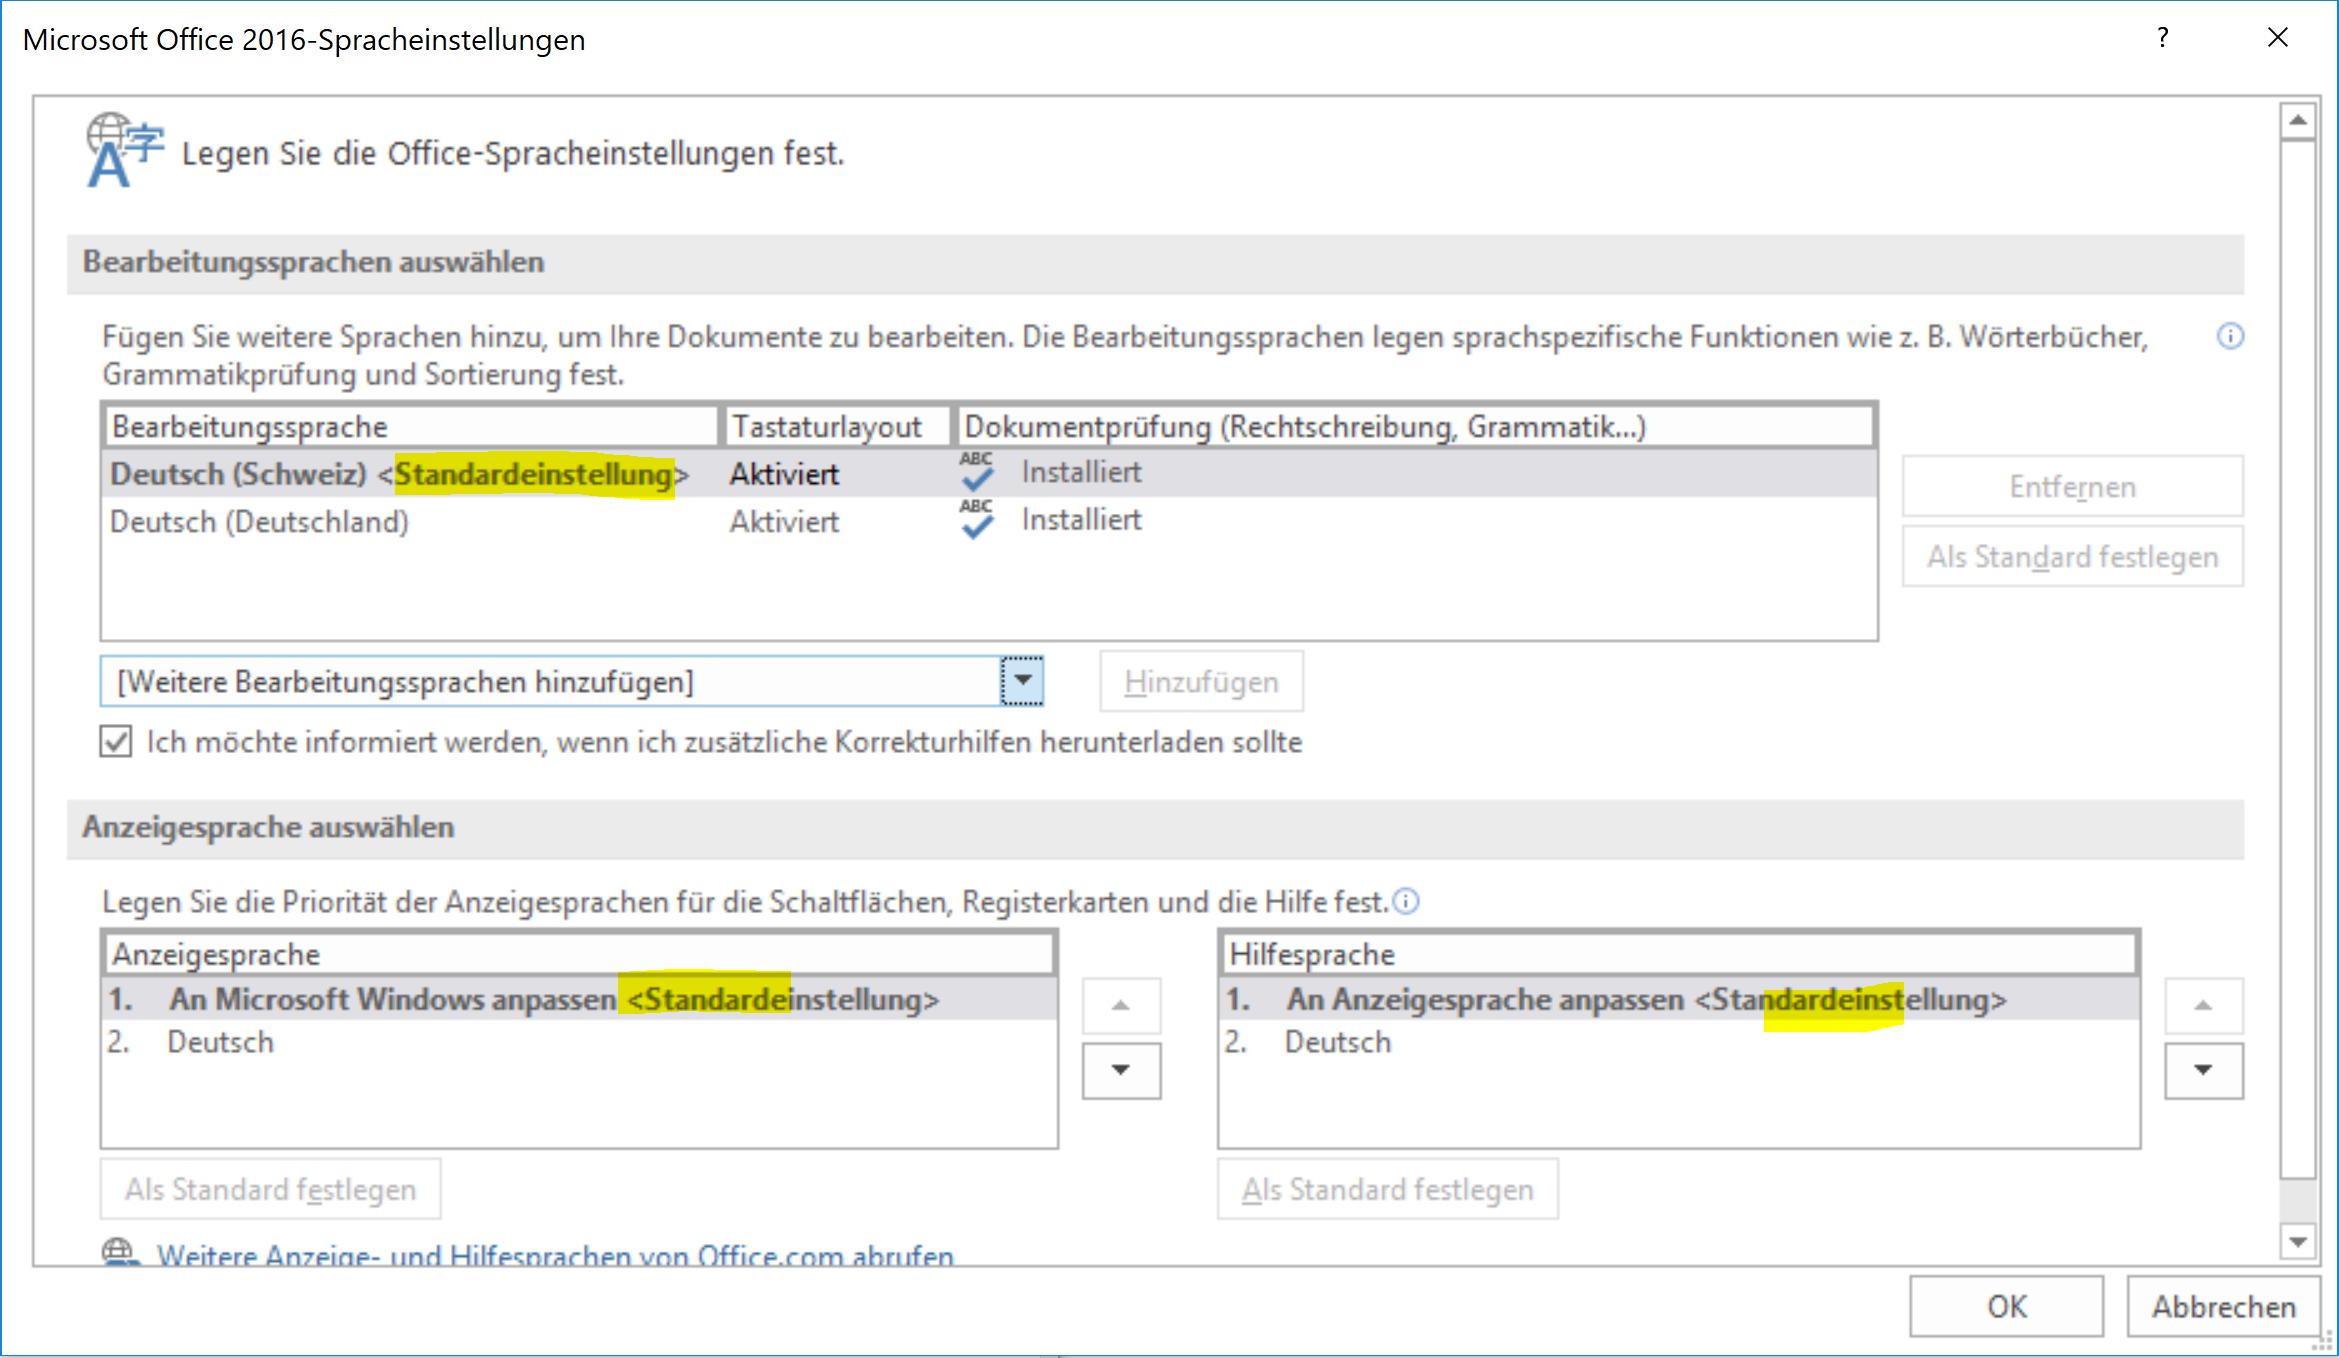 Microsoft Office 2016 - Spracheinstellungen